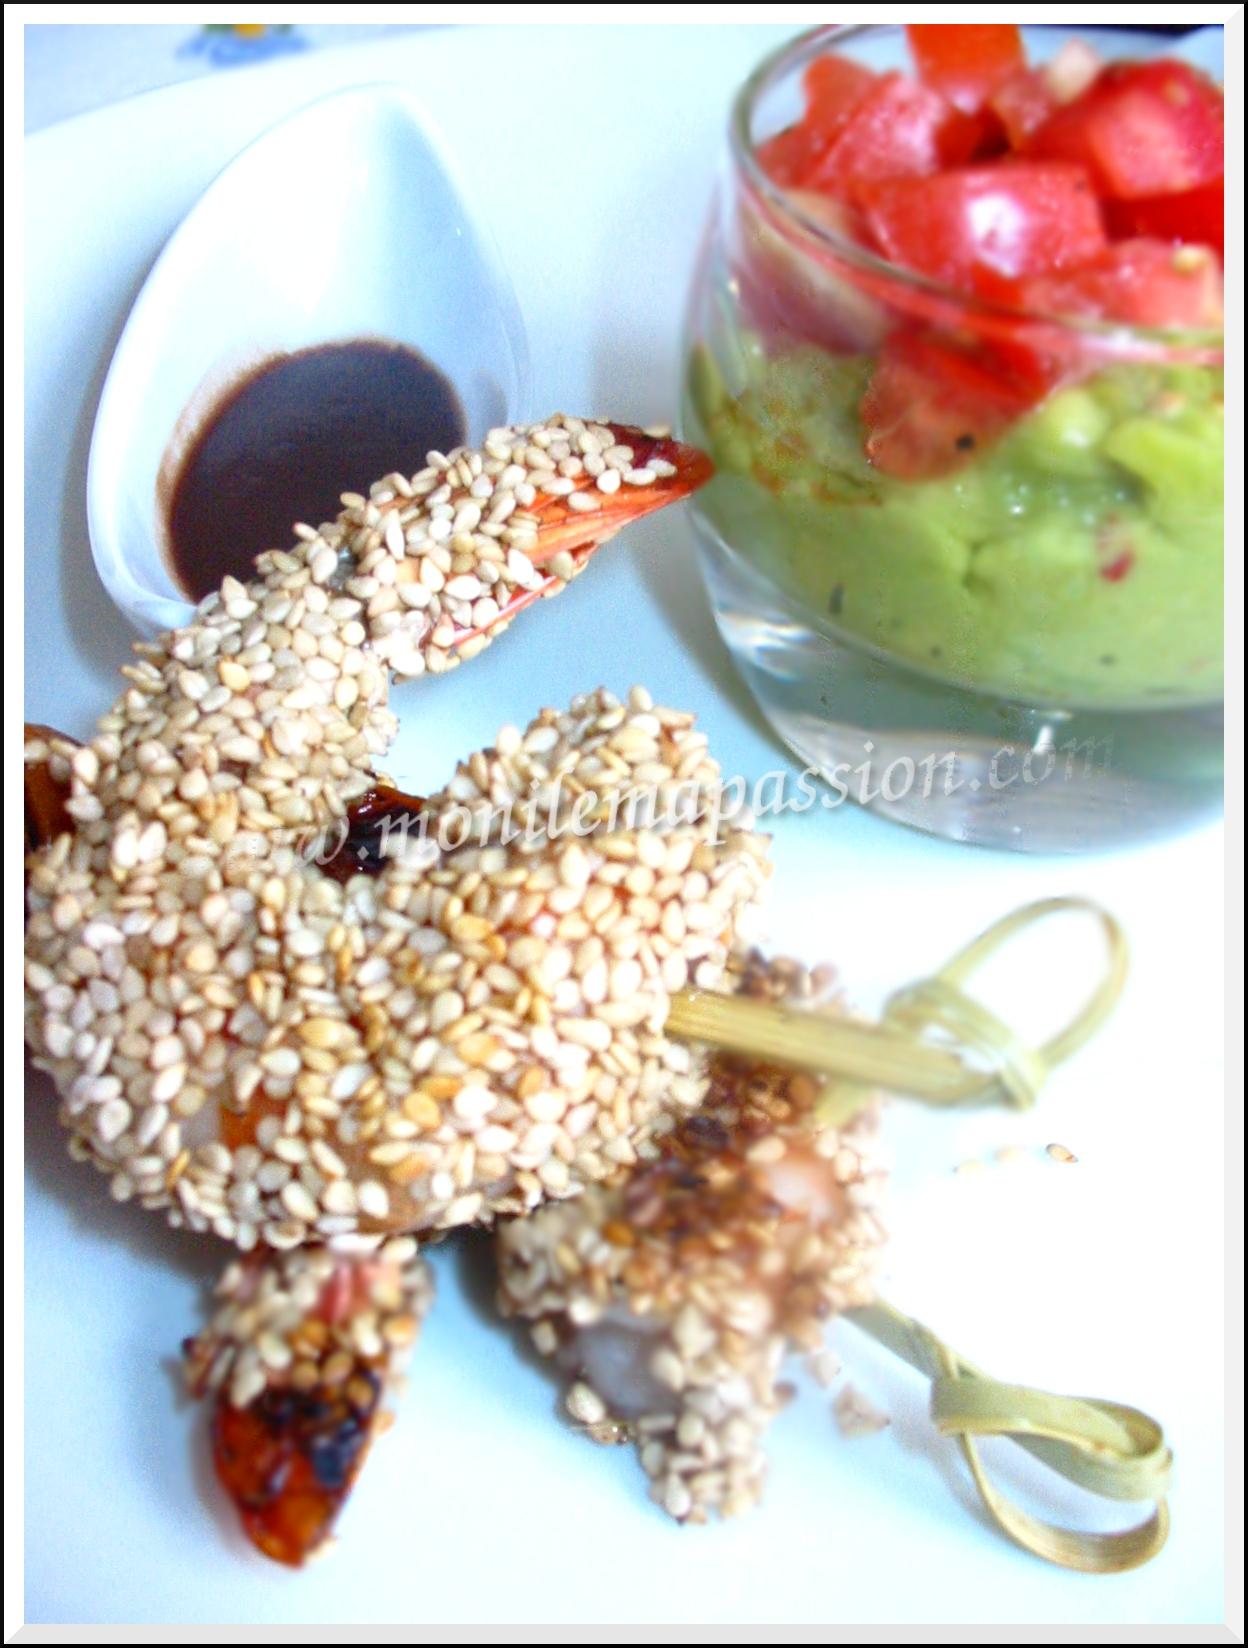 Crevettes croustillantes au vinécao et sésame à la plancha